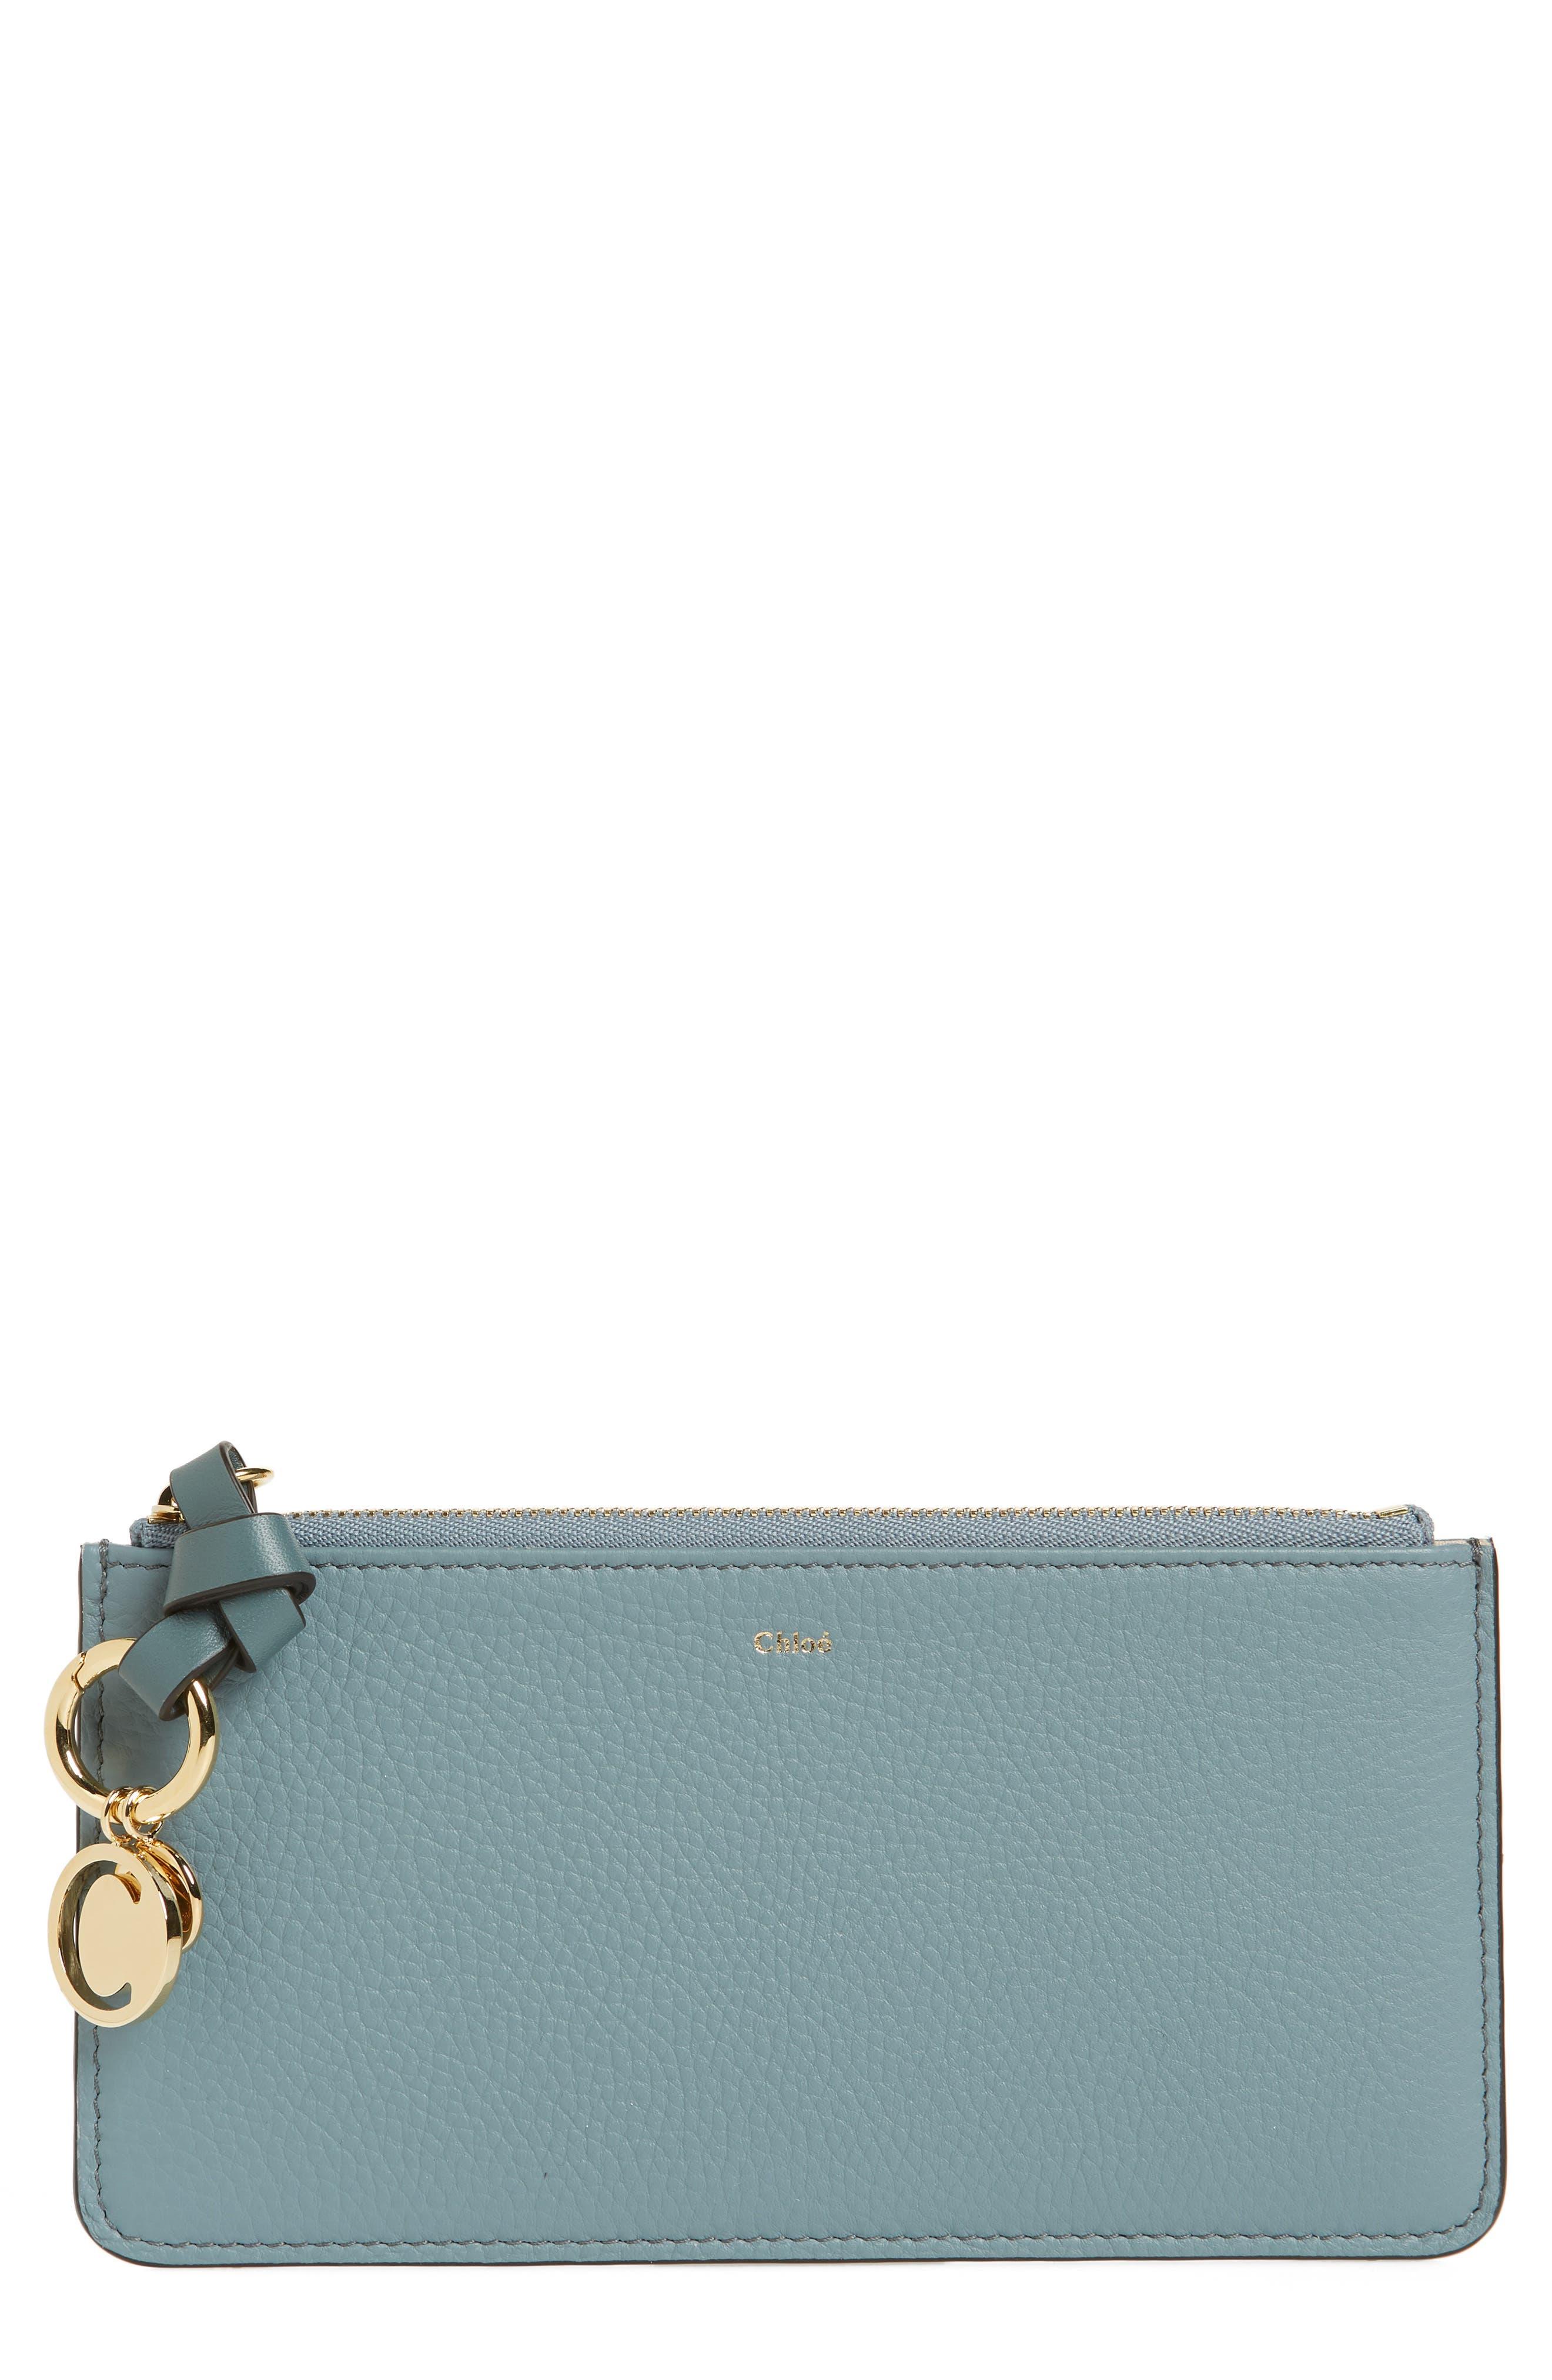 CHLOÉ, Zip Wallet Pouch, Main thumbnail 1, color, CLOUDY BLUE